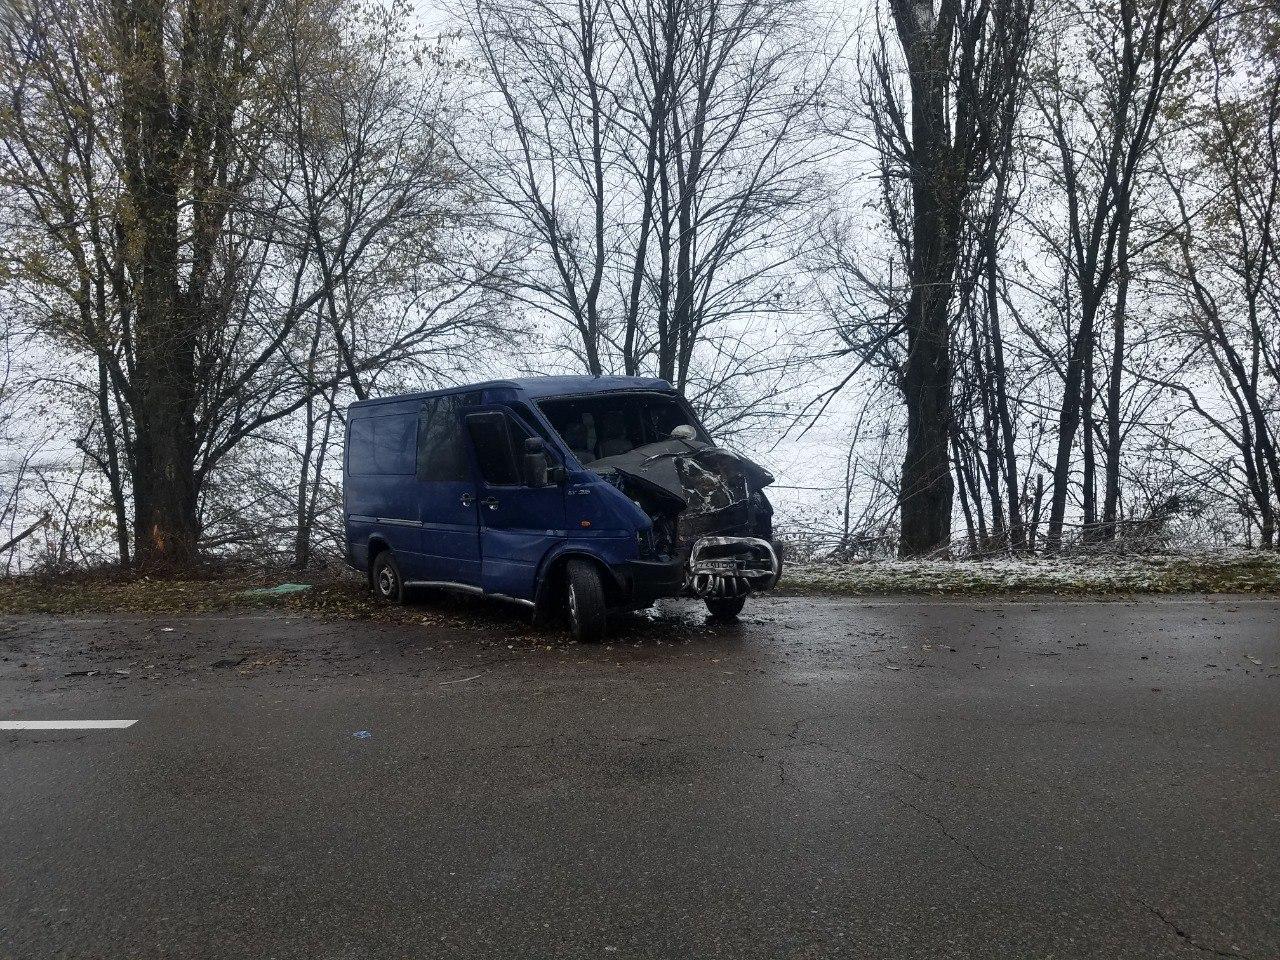 ДТП на Бориспільщині: від удару об дерево двигун авто опинився у салоні - дорога, автомобіль - DTP trasa boryspil